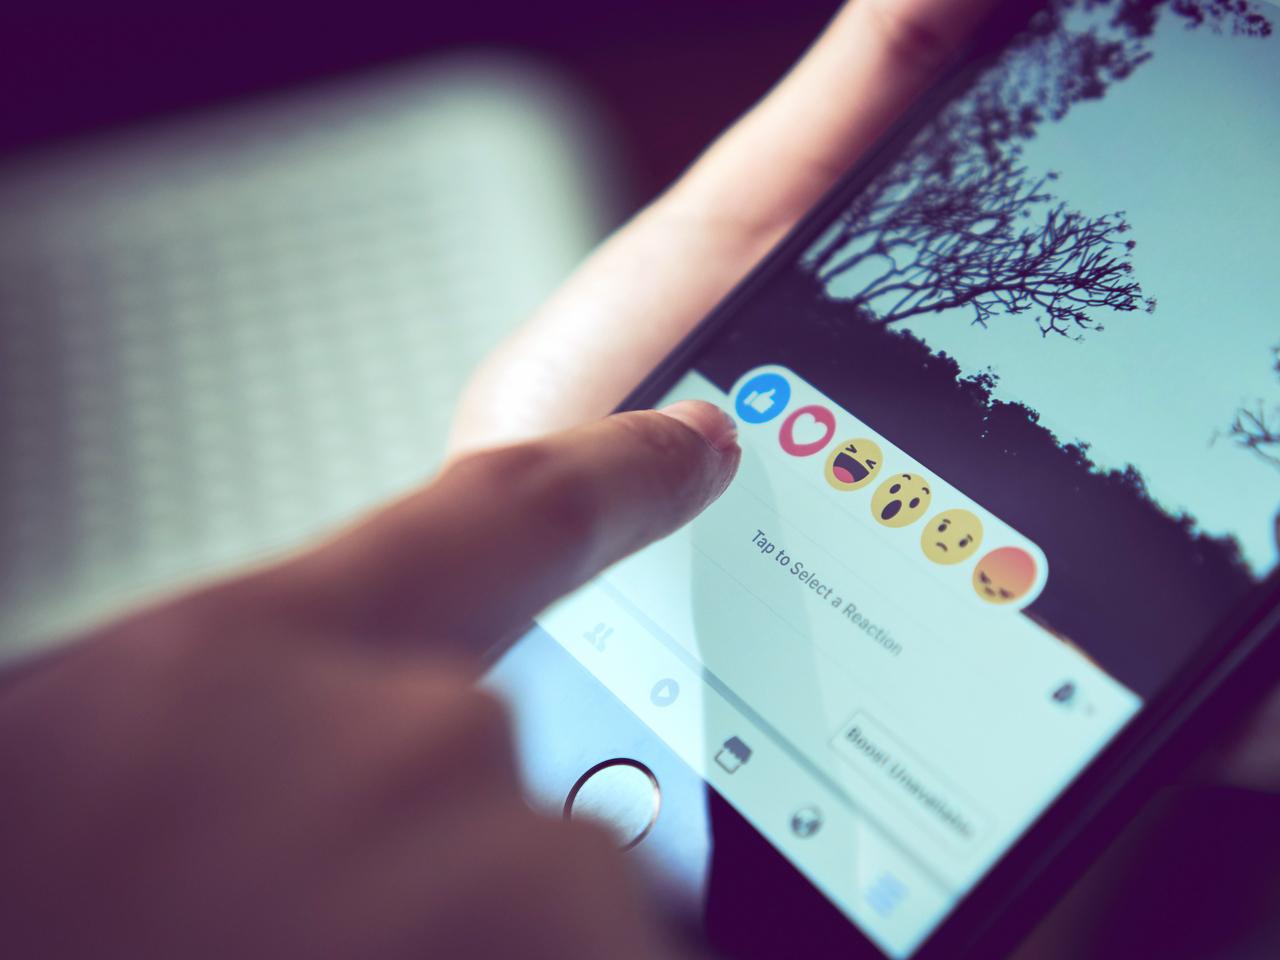 The Largest Facebook Hack Happened Last Week - Panda Security